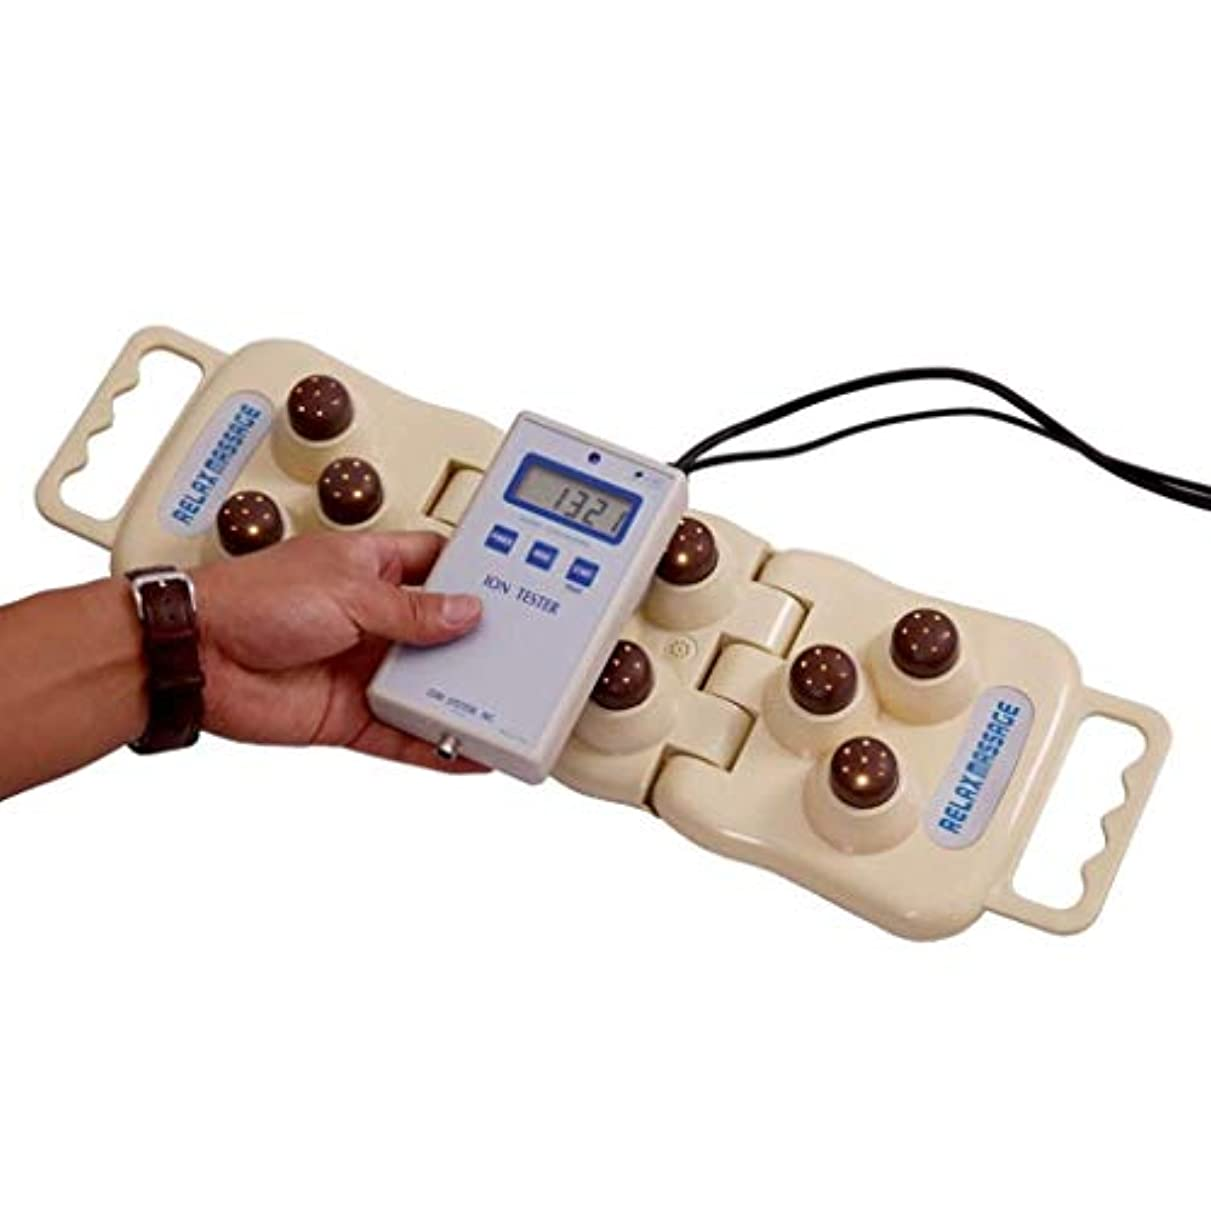 ドリルまろやかな挑む電気マッサージ器、トルマリン理学療法頸椎健康機器、暖房理学療法器具、膝/肩/腰/脚マッサージ、全身ヒーターマッサージリラックス